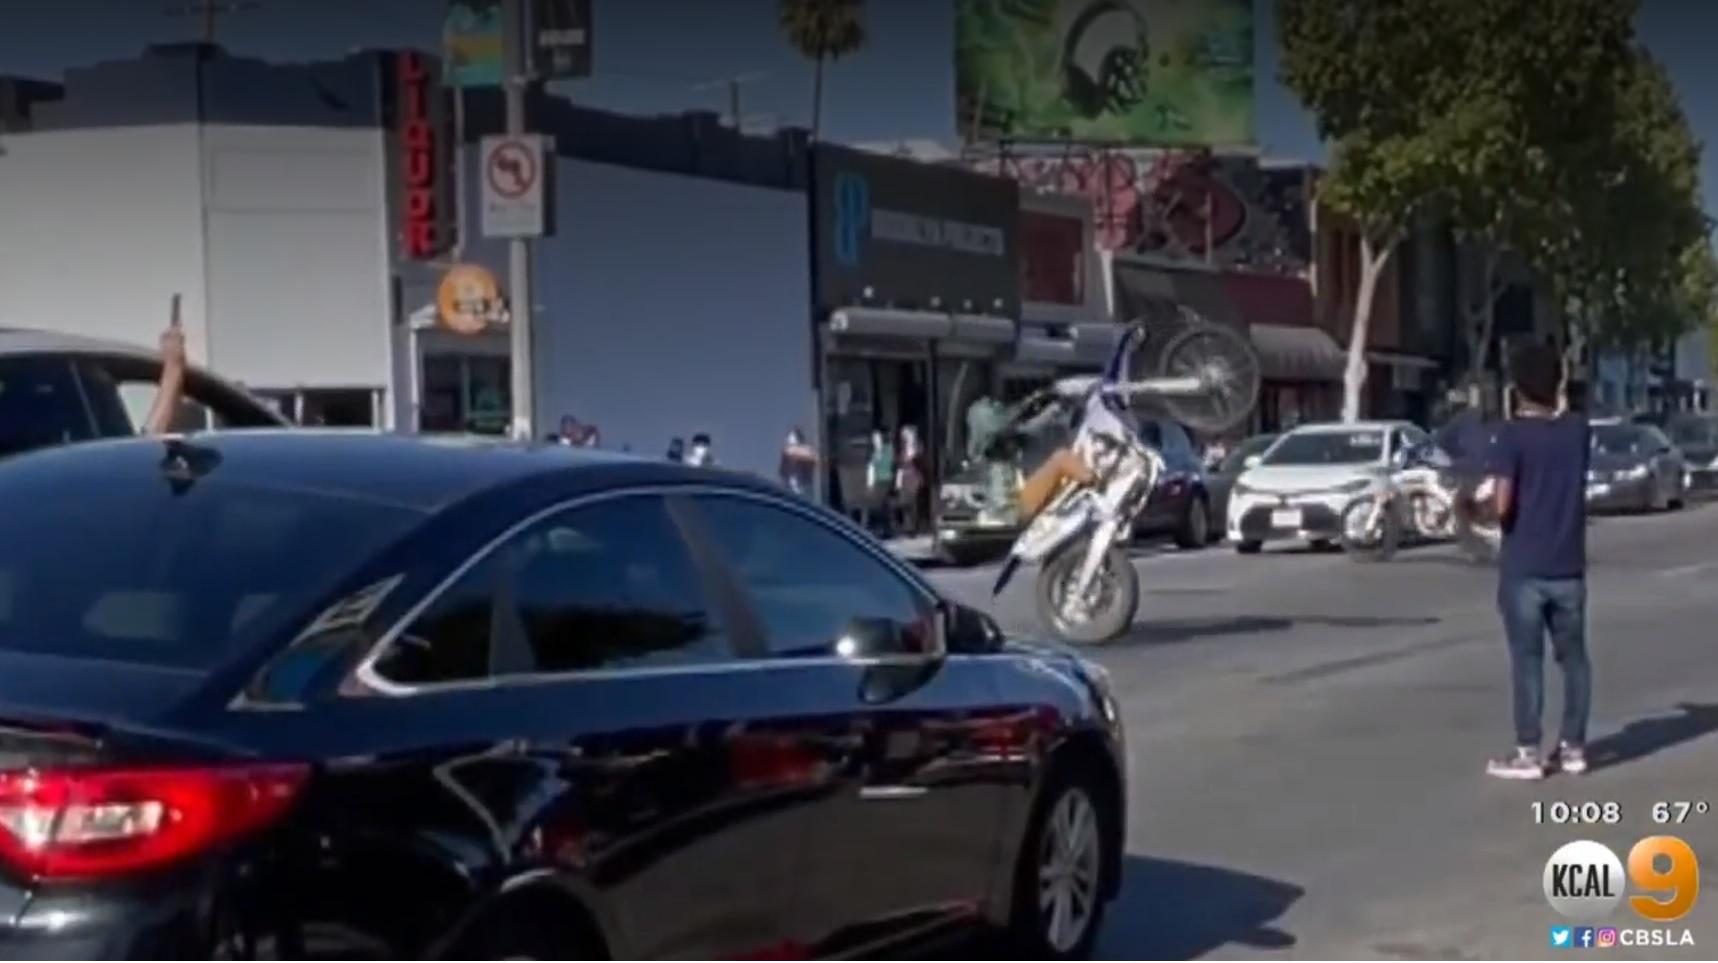 費爾法克斯地區常有機車騎士表演拉單輪吸引人注目,在地商家已不堪其擾。CBSLA